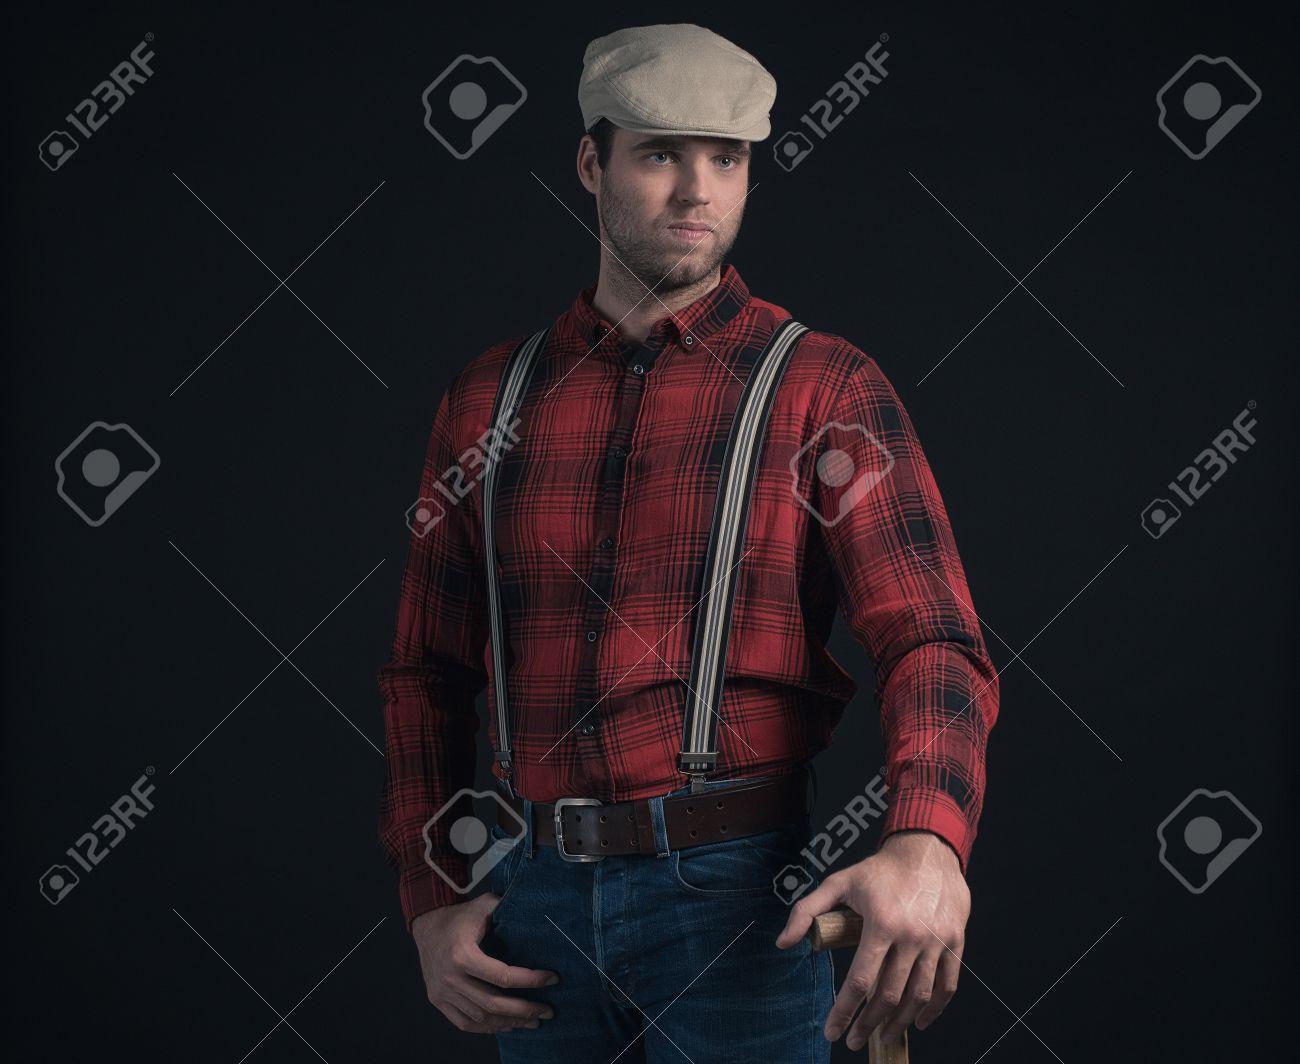 b9ba5518940 Foto de archivo - Hipster moda hombre vestido con camisa de leñador a  cuadros rojo y gorra.